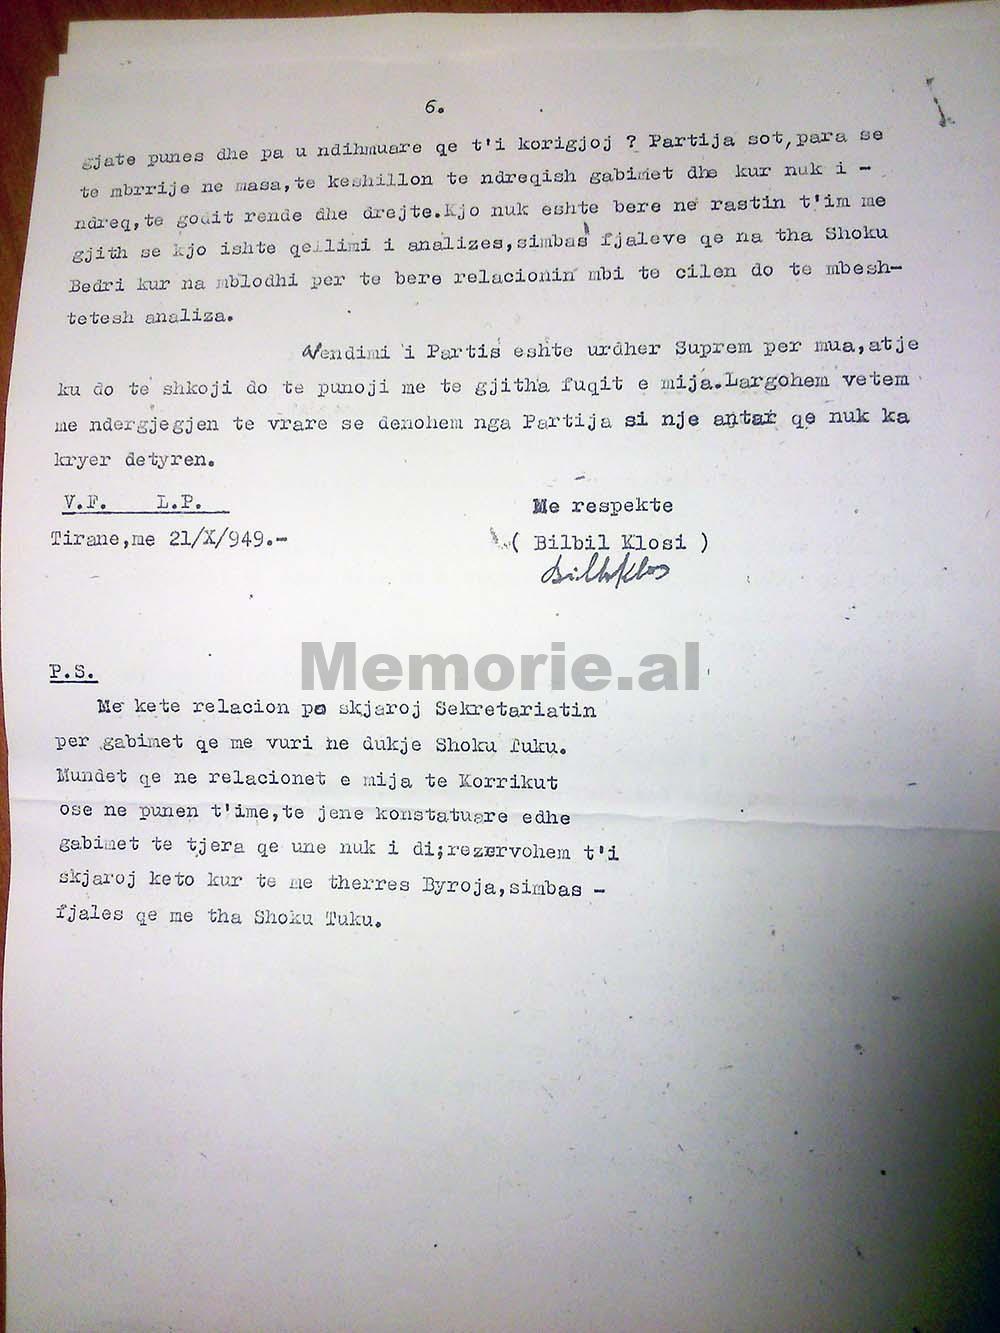 Bilbil-Klosi-2-fax